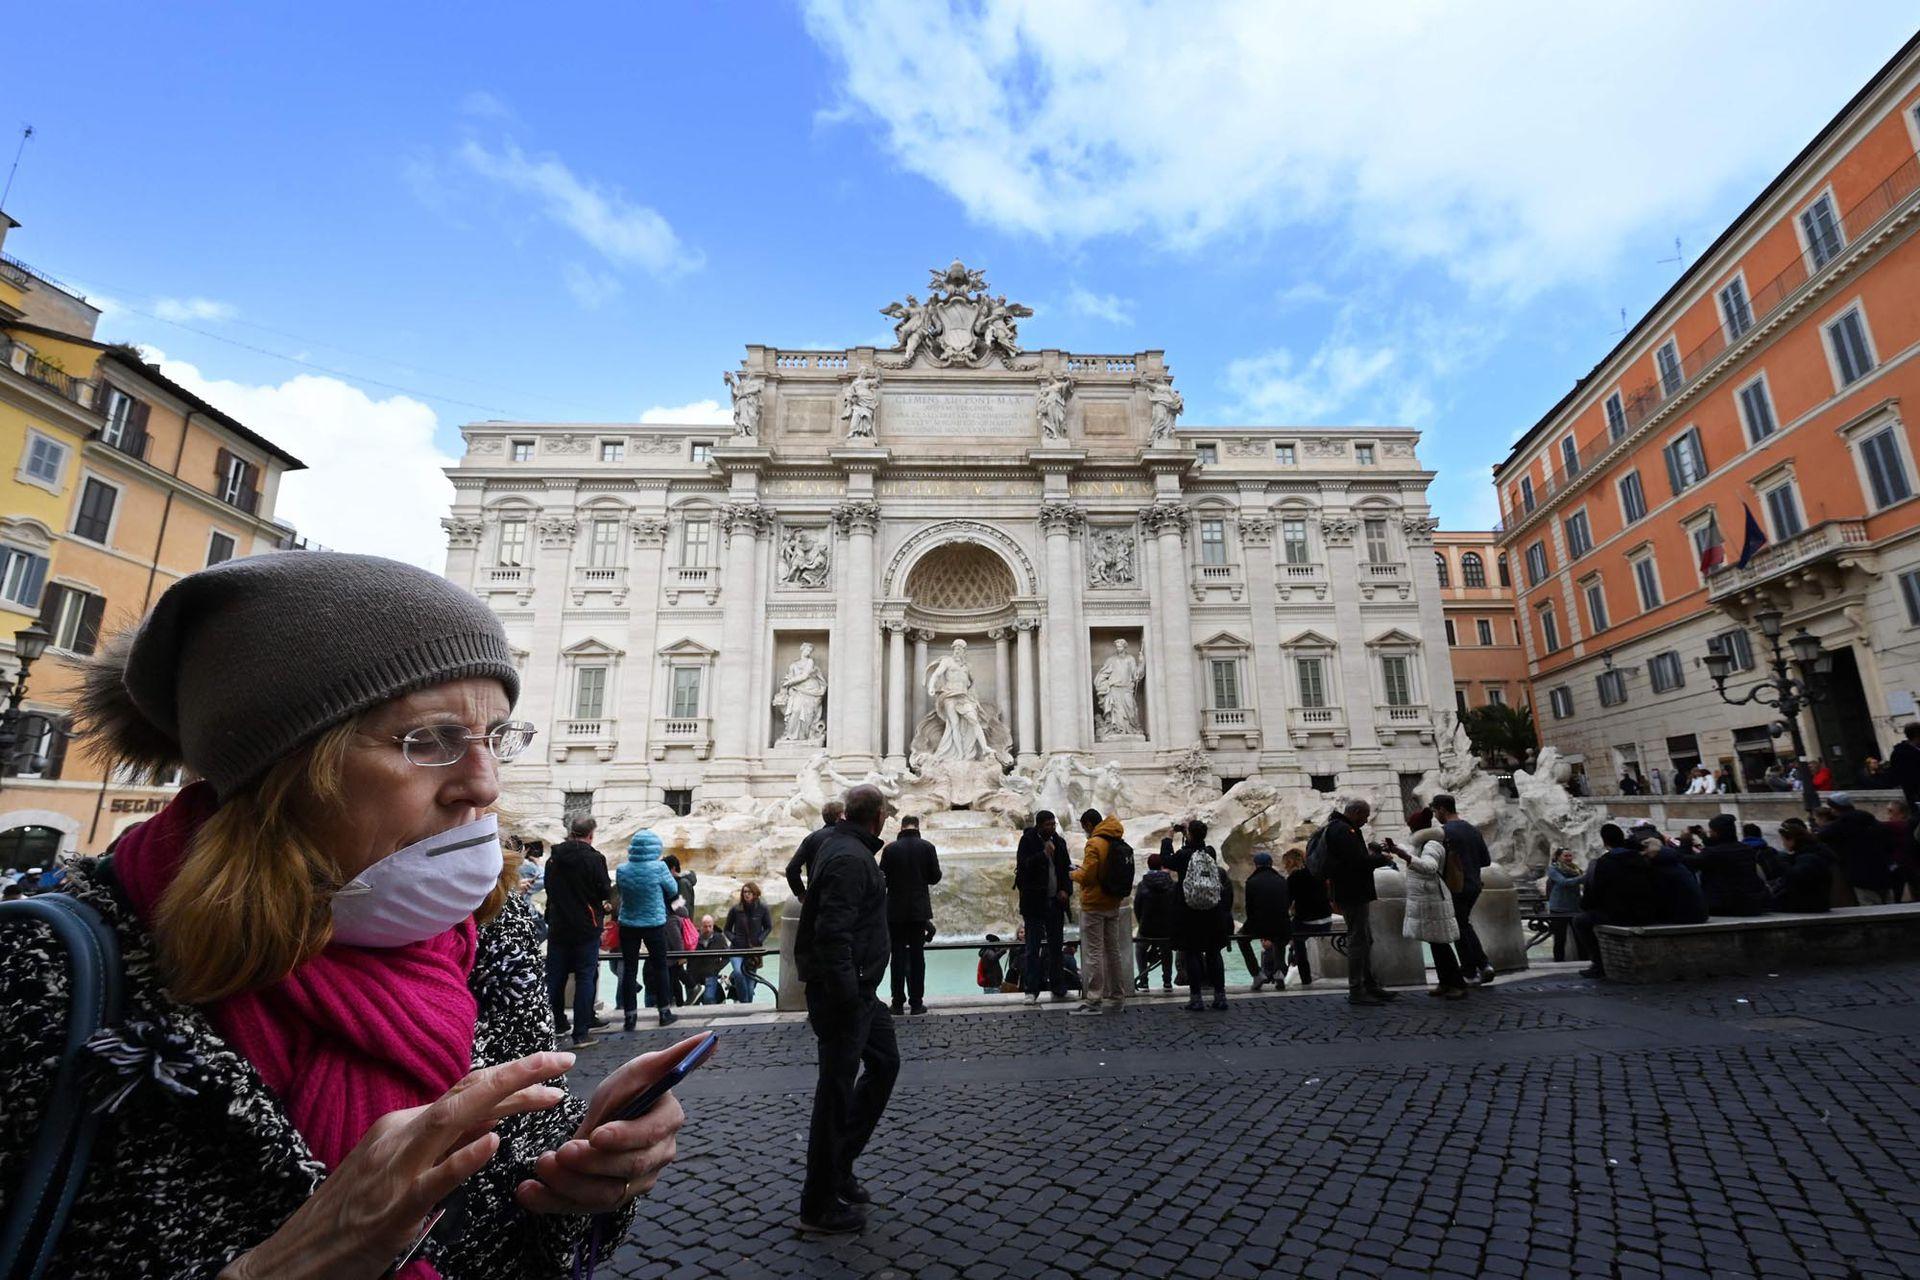 Un turista usa un barbijo mientras camina frente a la Fontana de Trevi en el centro de Roma, el 3 de marzo de 2020.